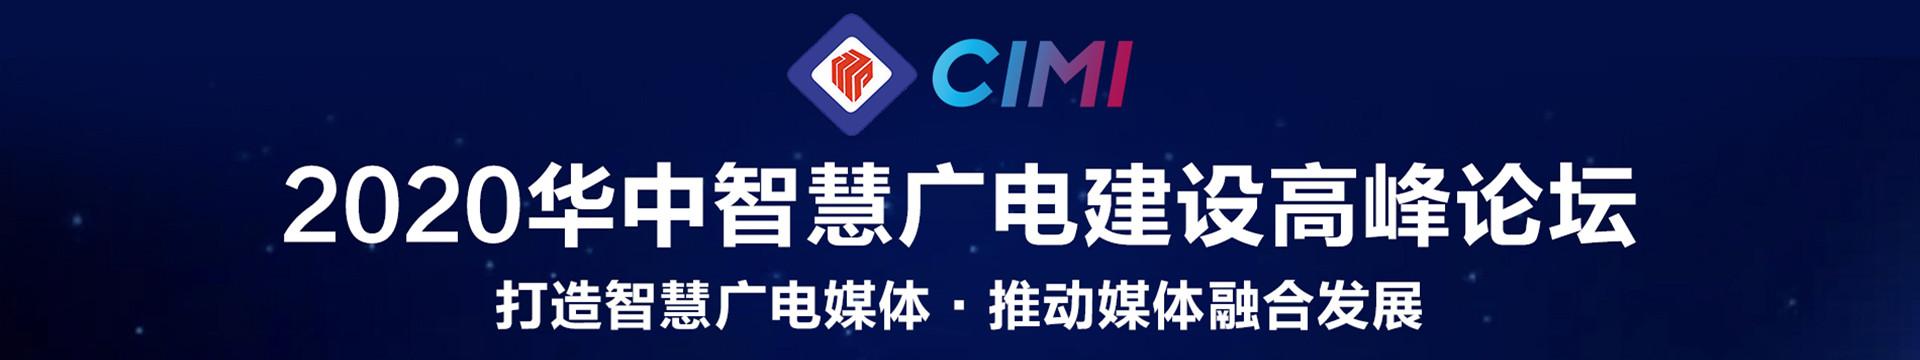 2020華中智慧廣電建設高峰論壇